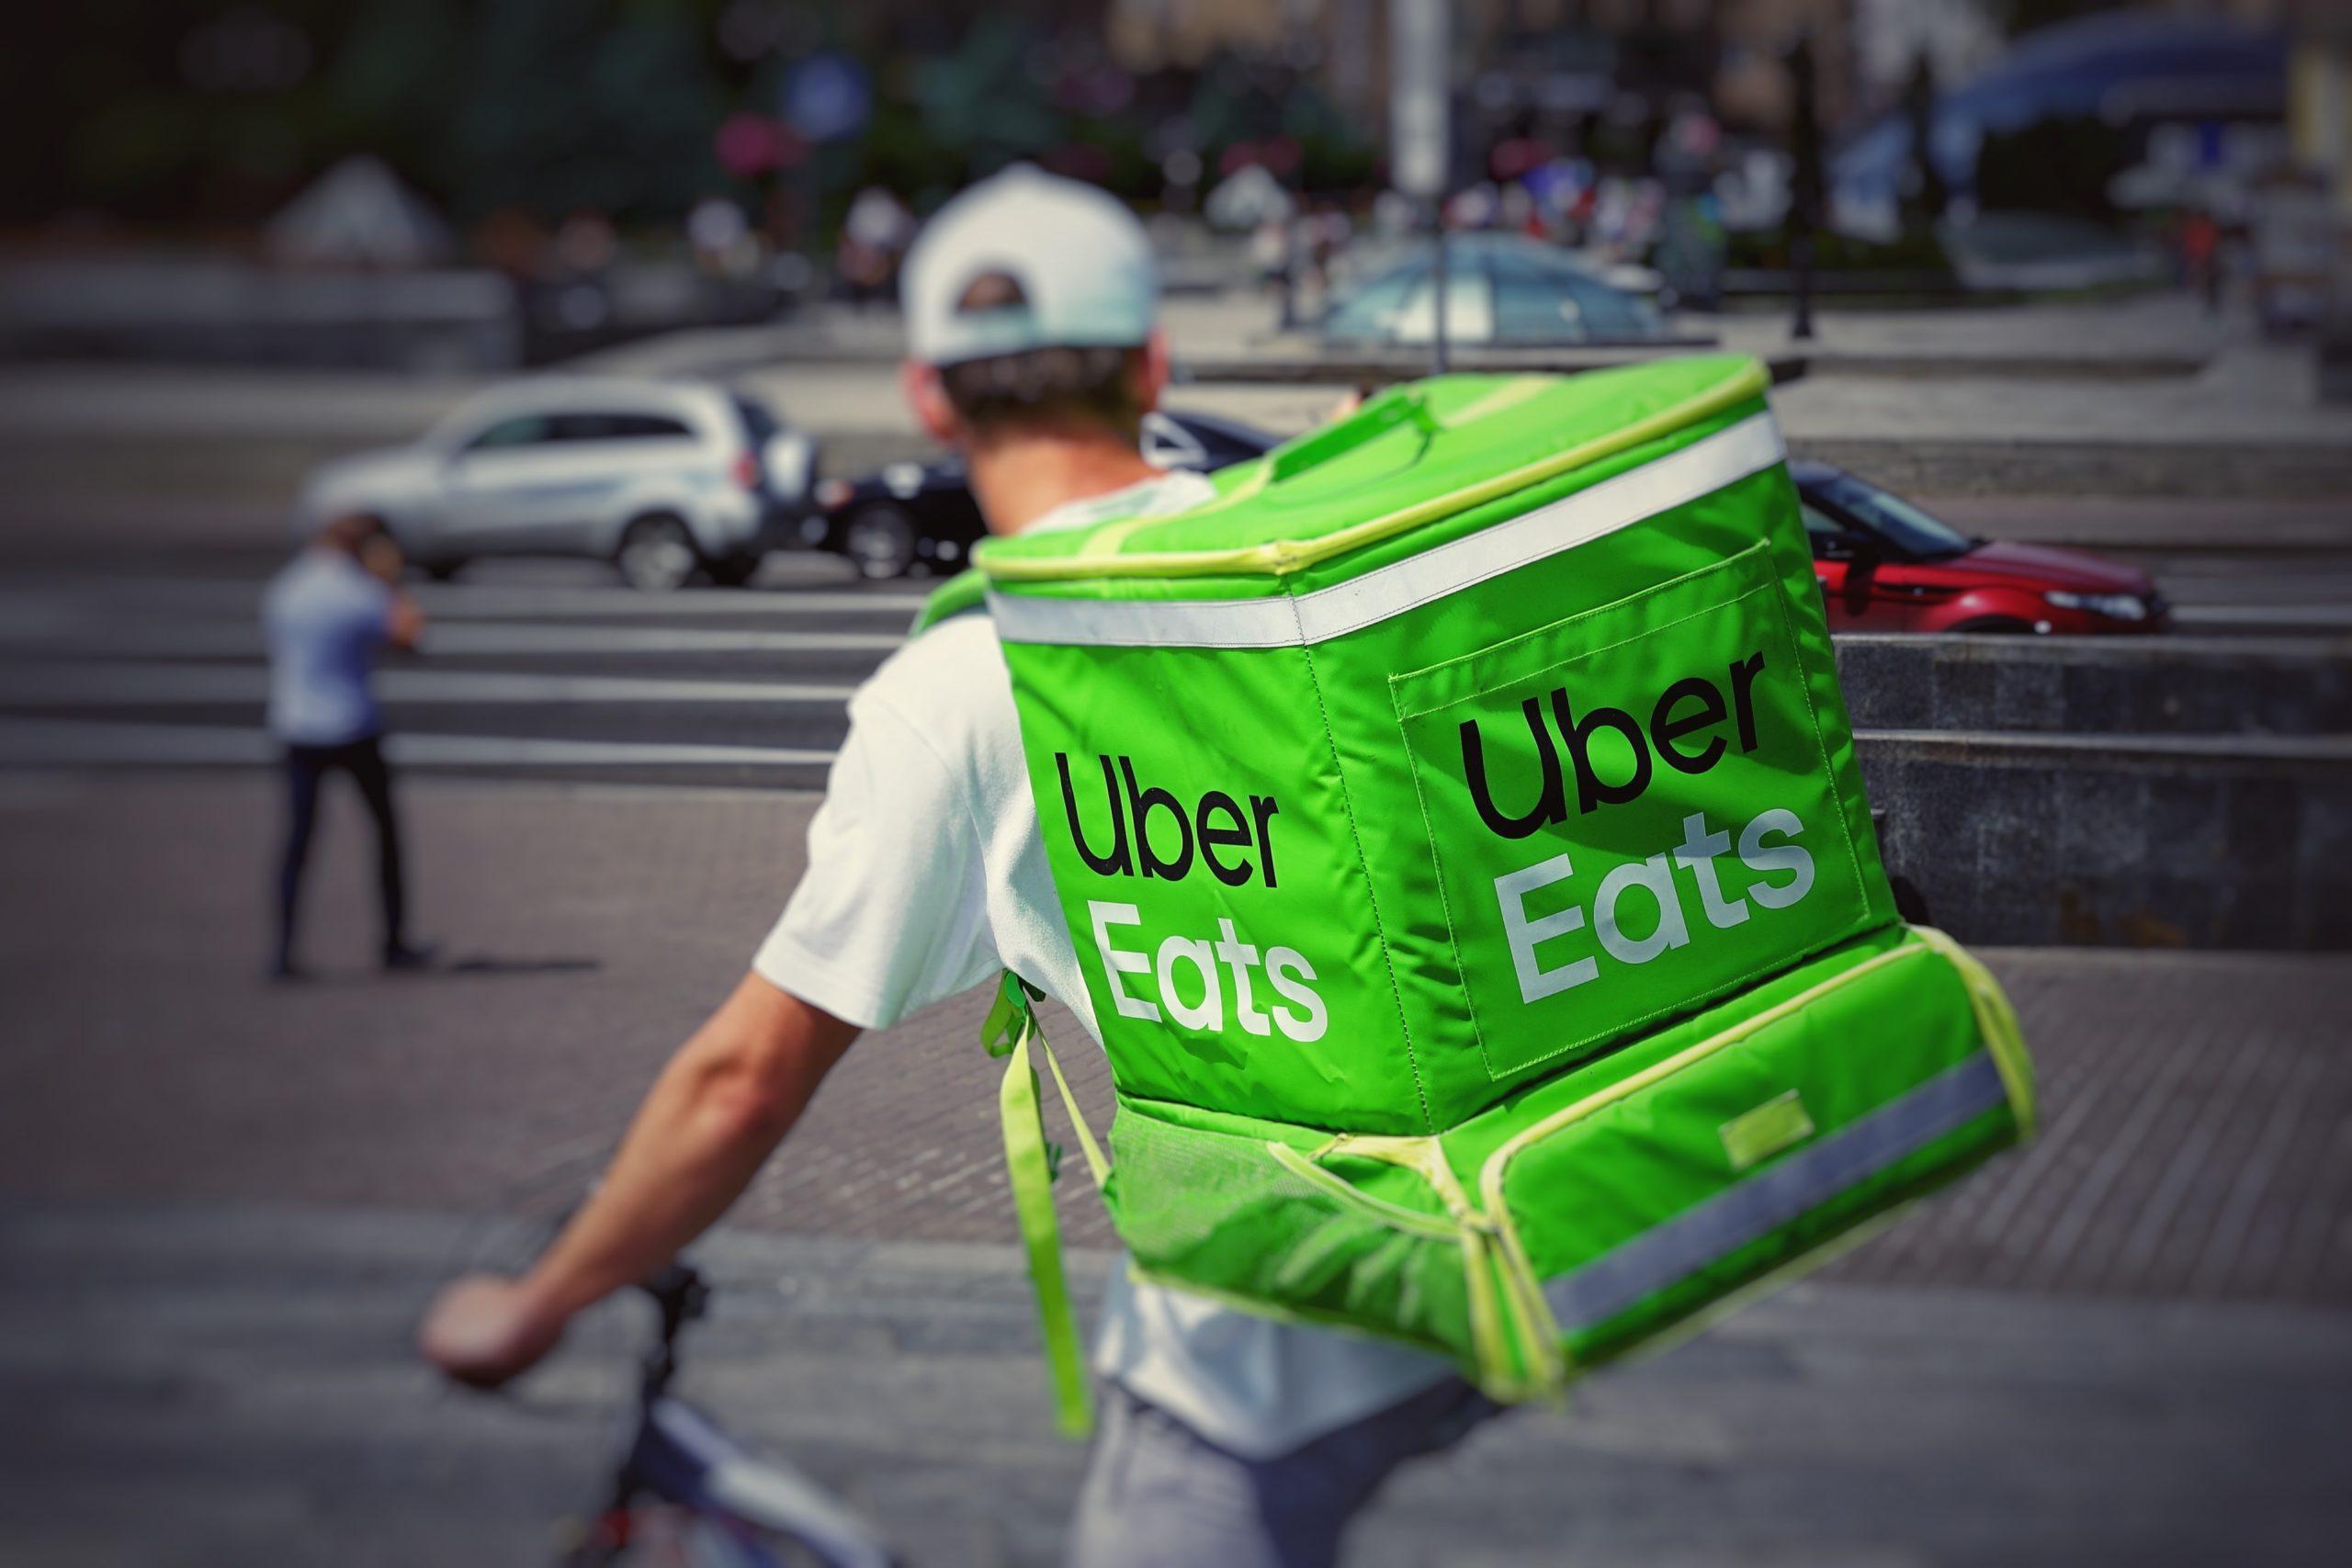 Promoção Uber Eats 2022